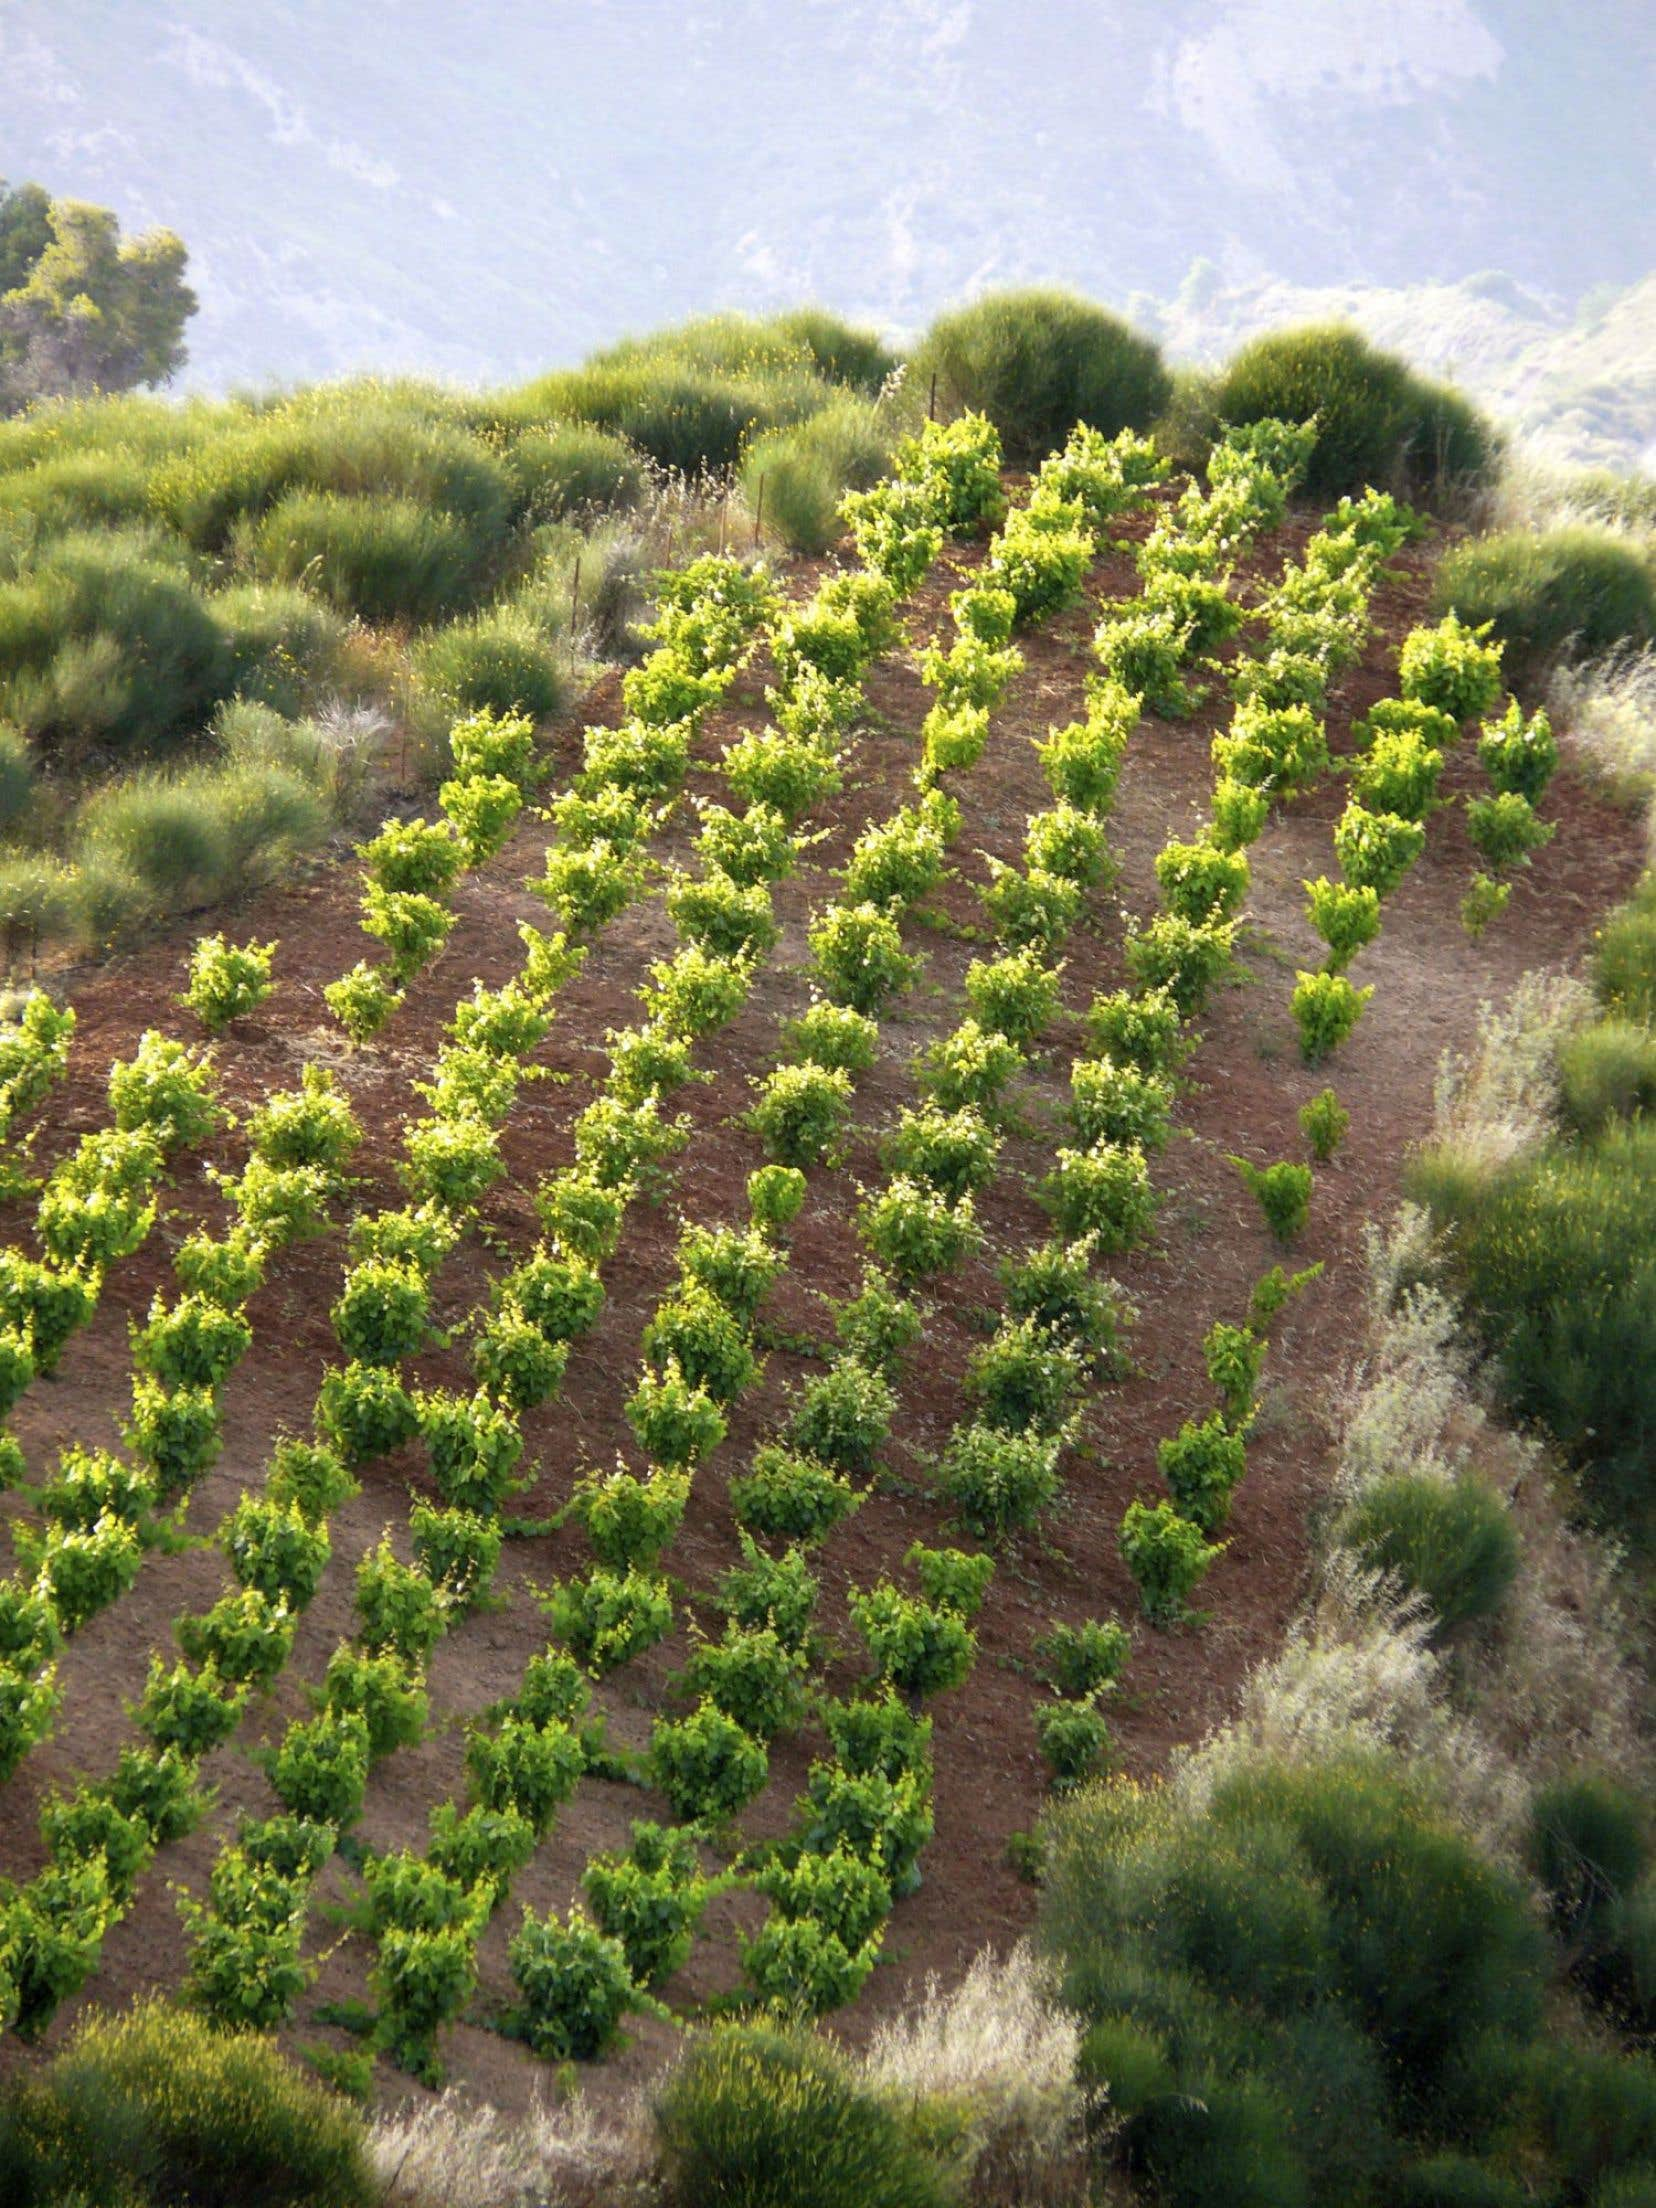 Un exemple de complantation (des cépages variés plantés en foule), ici en Grèce.